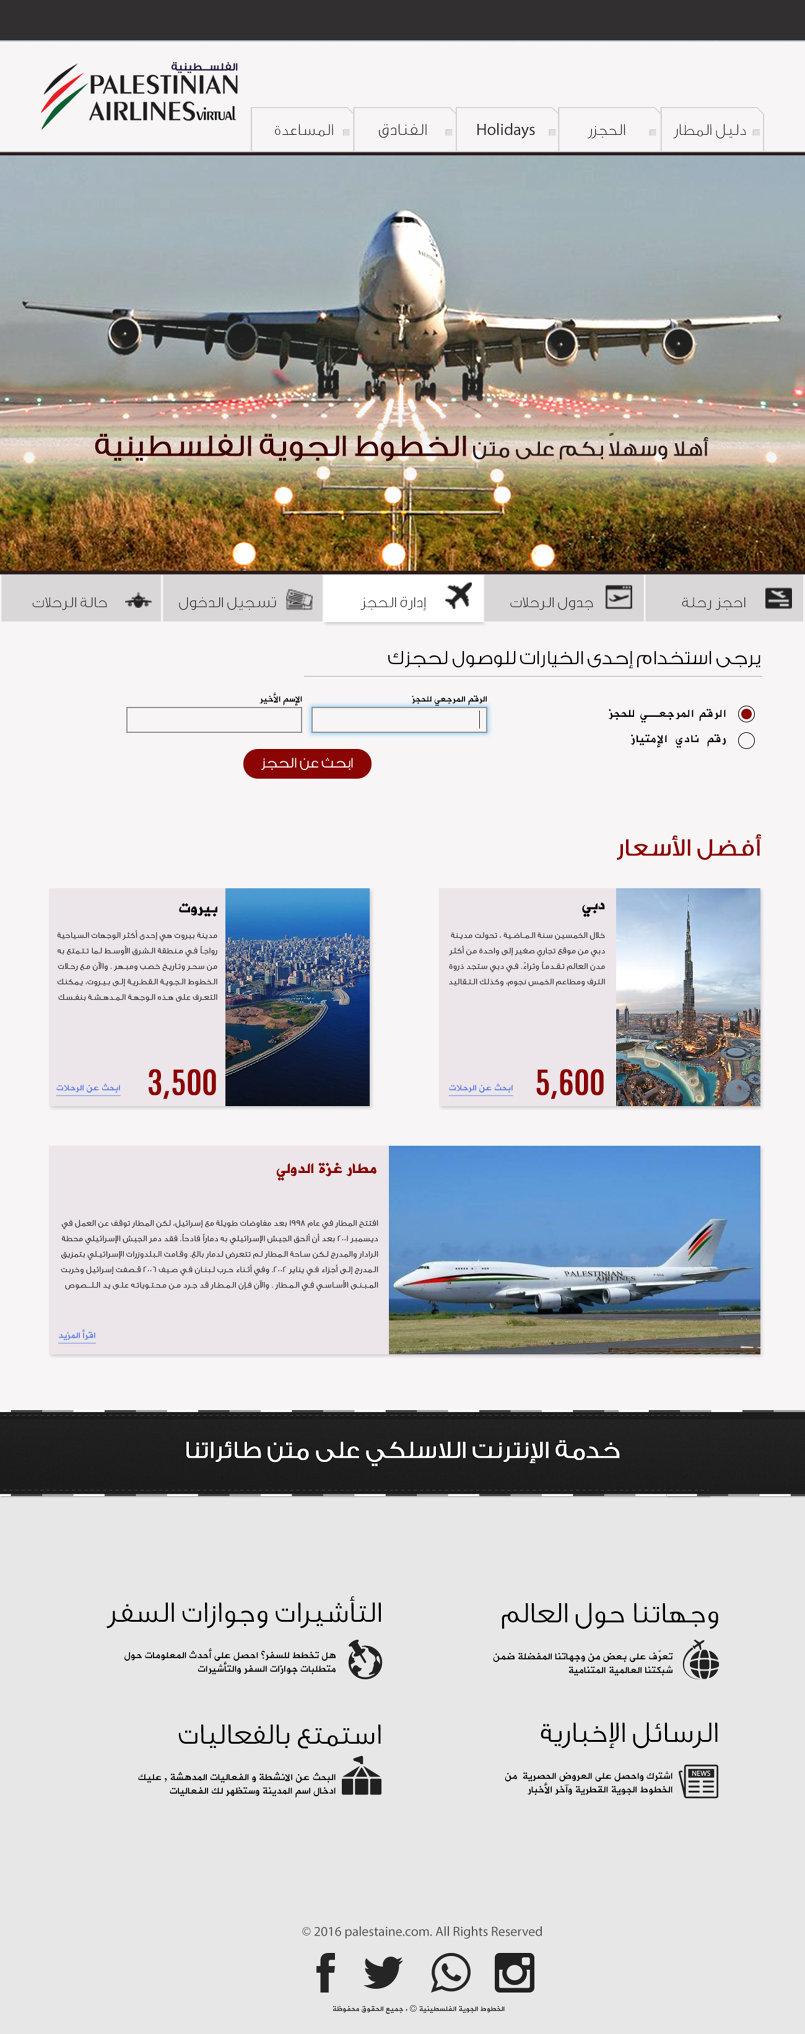 الخطوط الجوية الفلسطينية